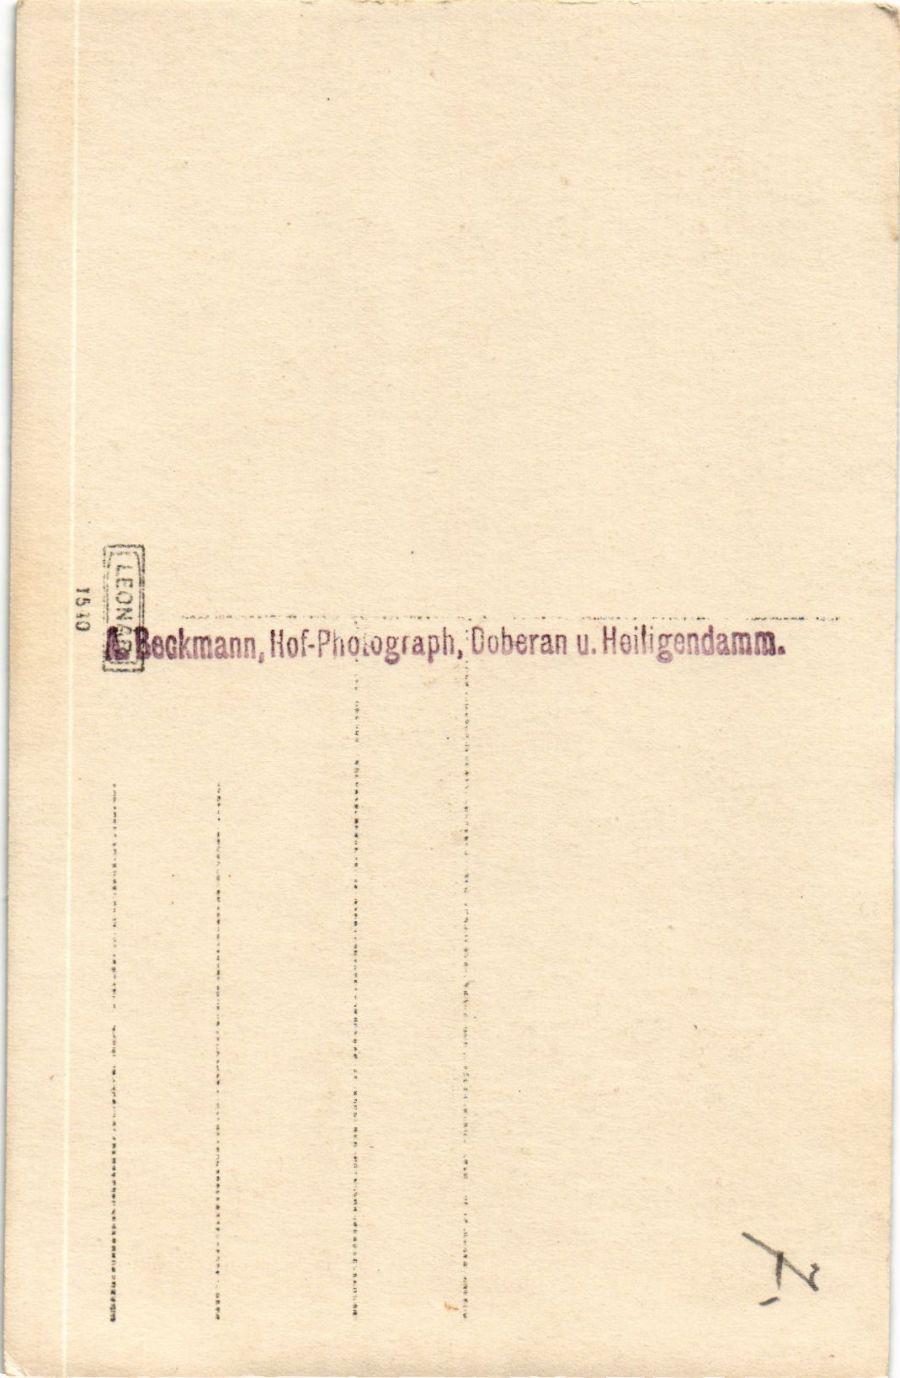 CPA-AK-Kronprinzessin-Cecilie-mit-ihren-beiden-Toechtern-GERMAN-ROYALTY-867434 Indexbild 2